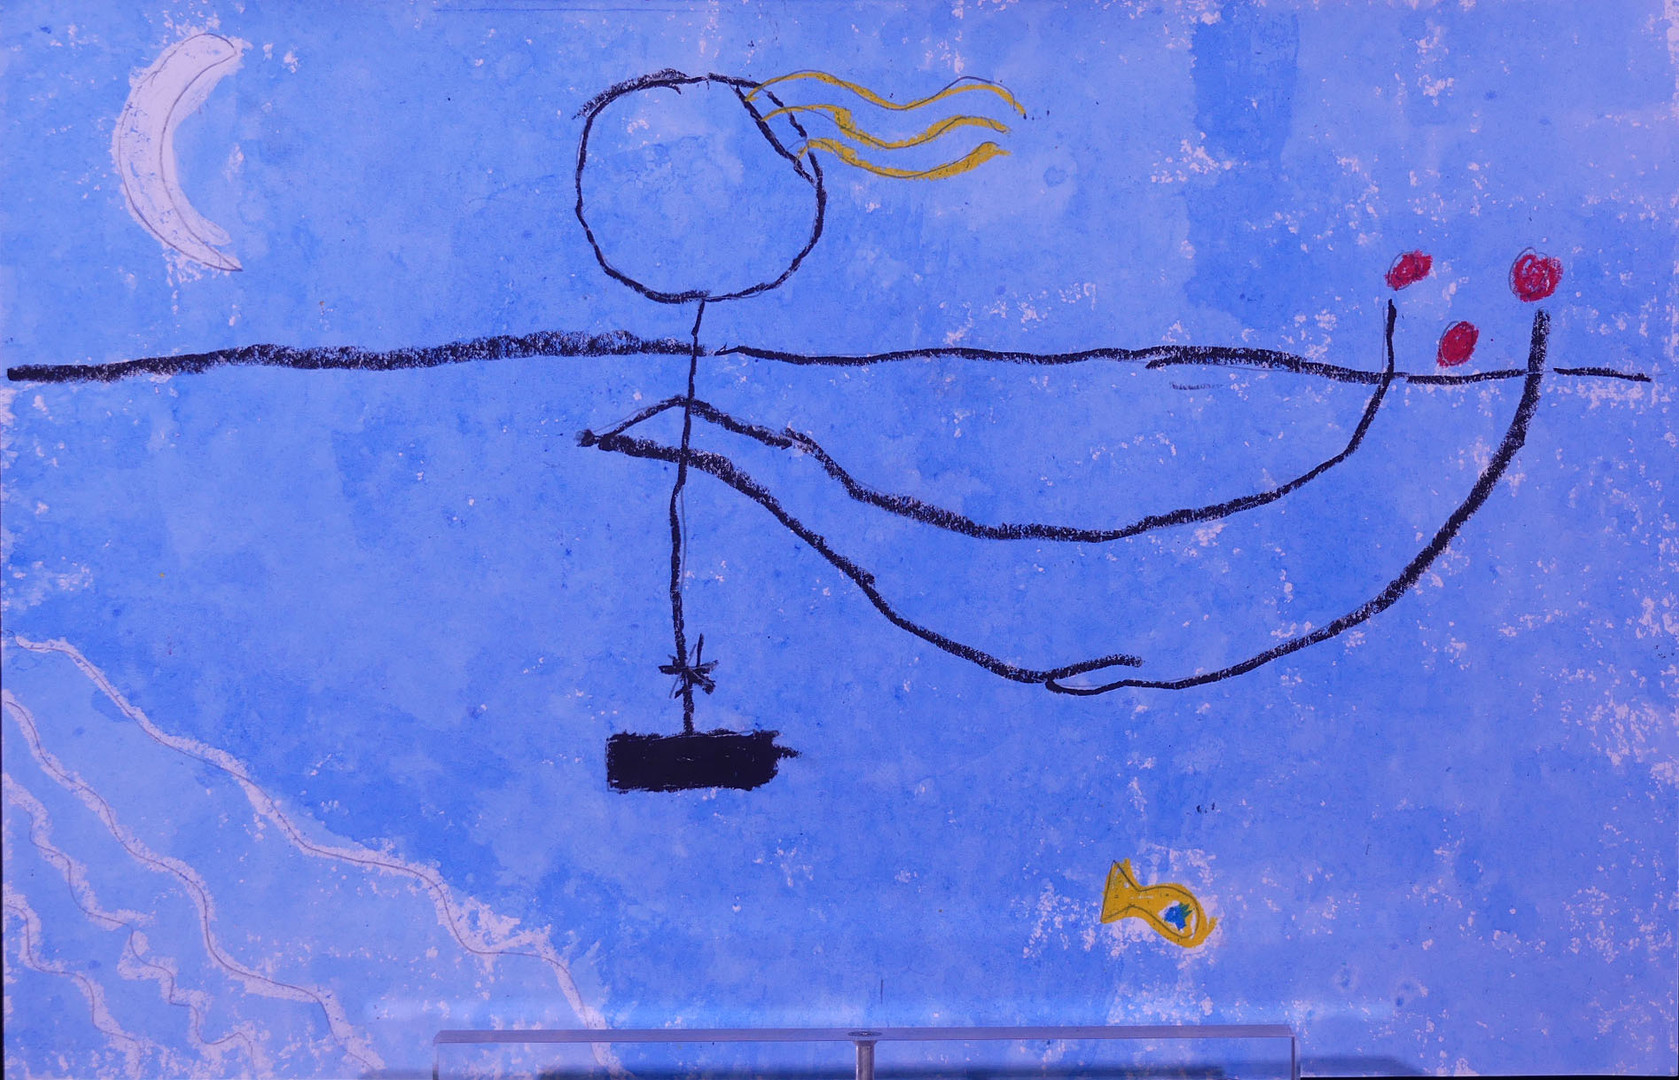 VARIATIONS D'APRÈS LA BAIGNEUSE DE MIRO, pastel gras et encre - École élémentaire de la plage, Saint Jean de Monts, CE1/CE2